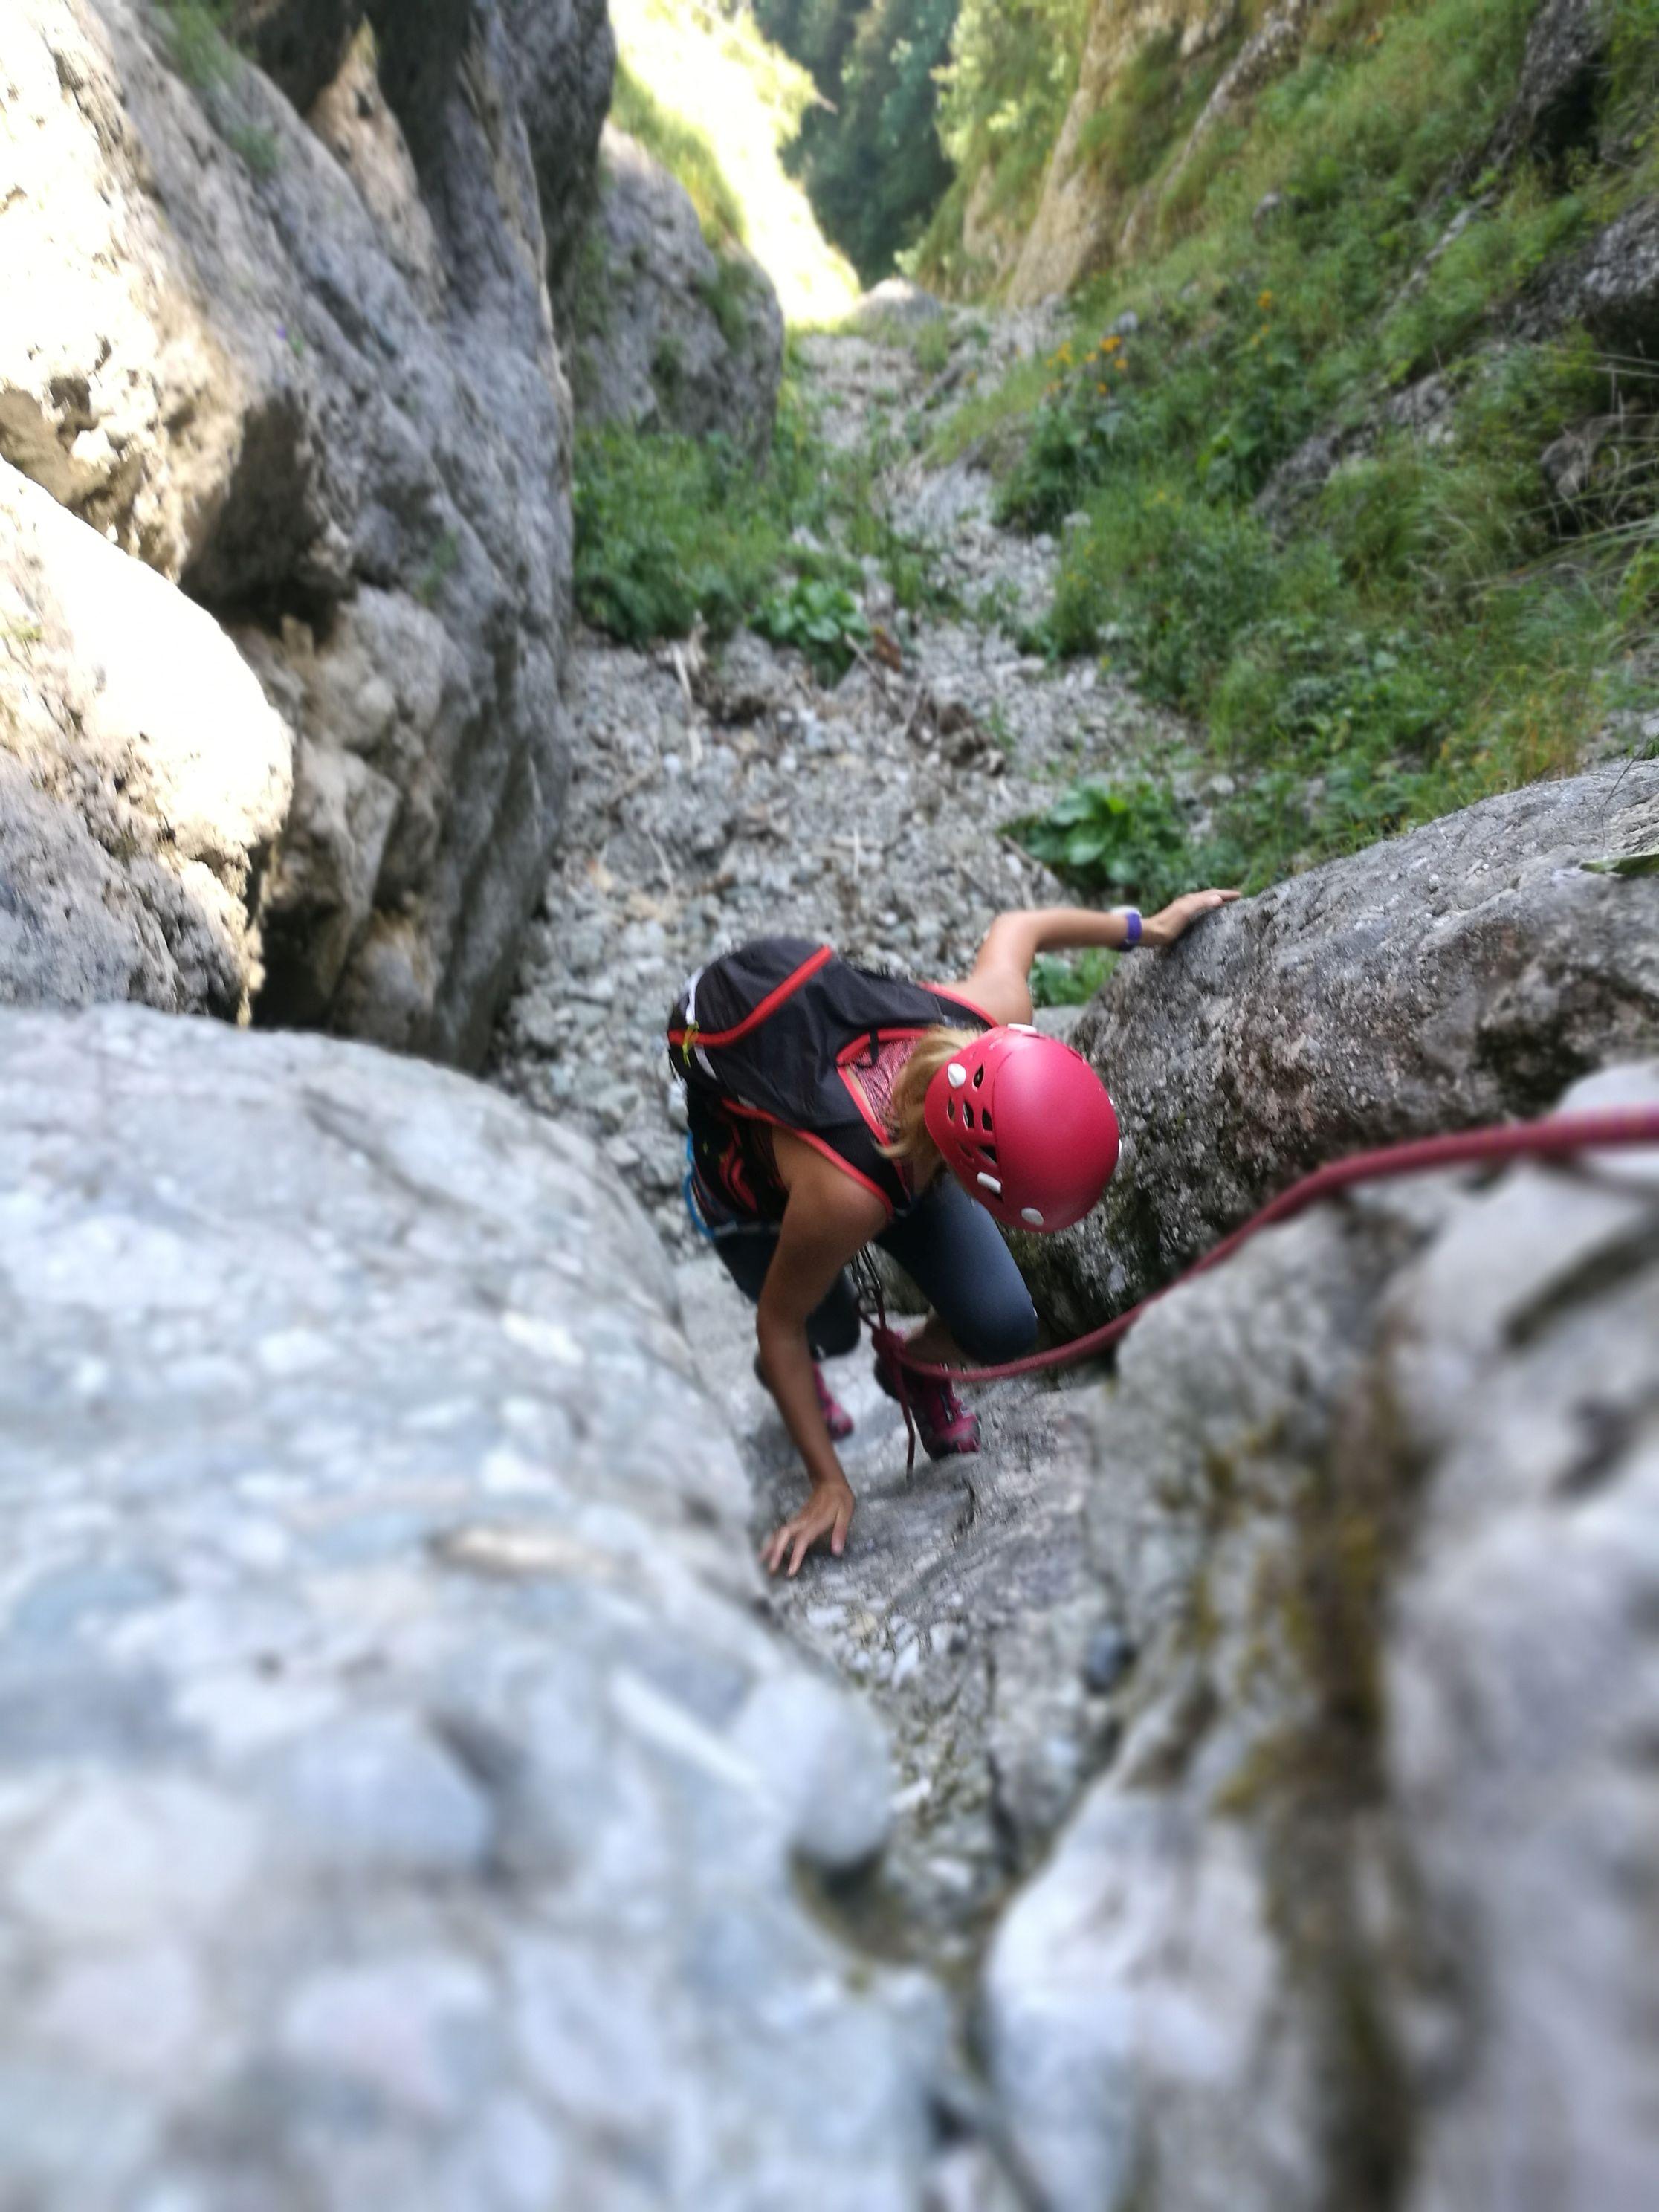 Cataratura pe Valea Comorilor, pe saritoarea slefuita dupa prima bifurcatie